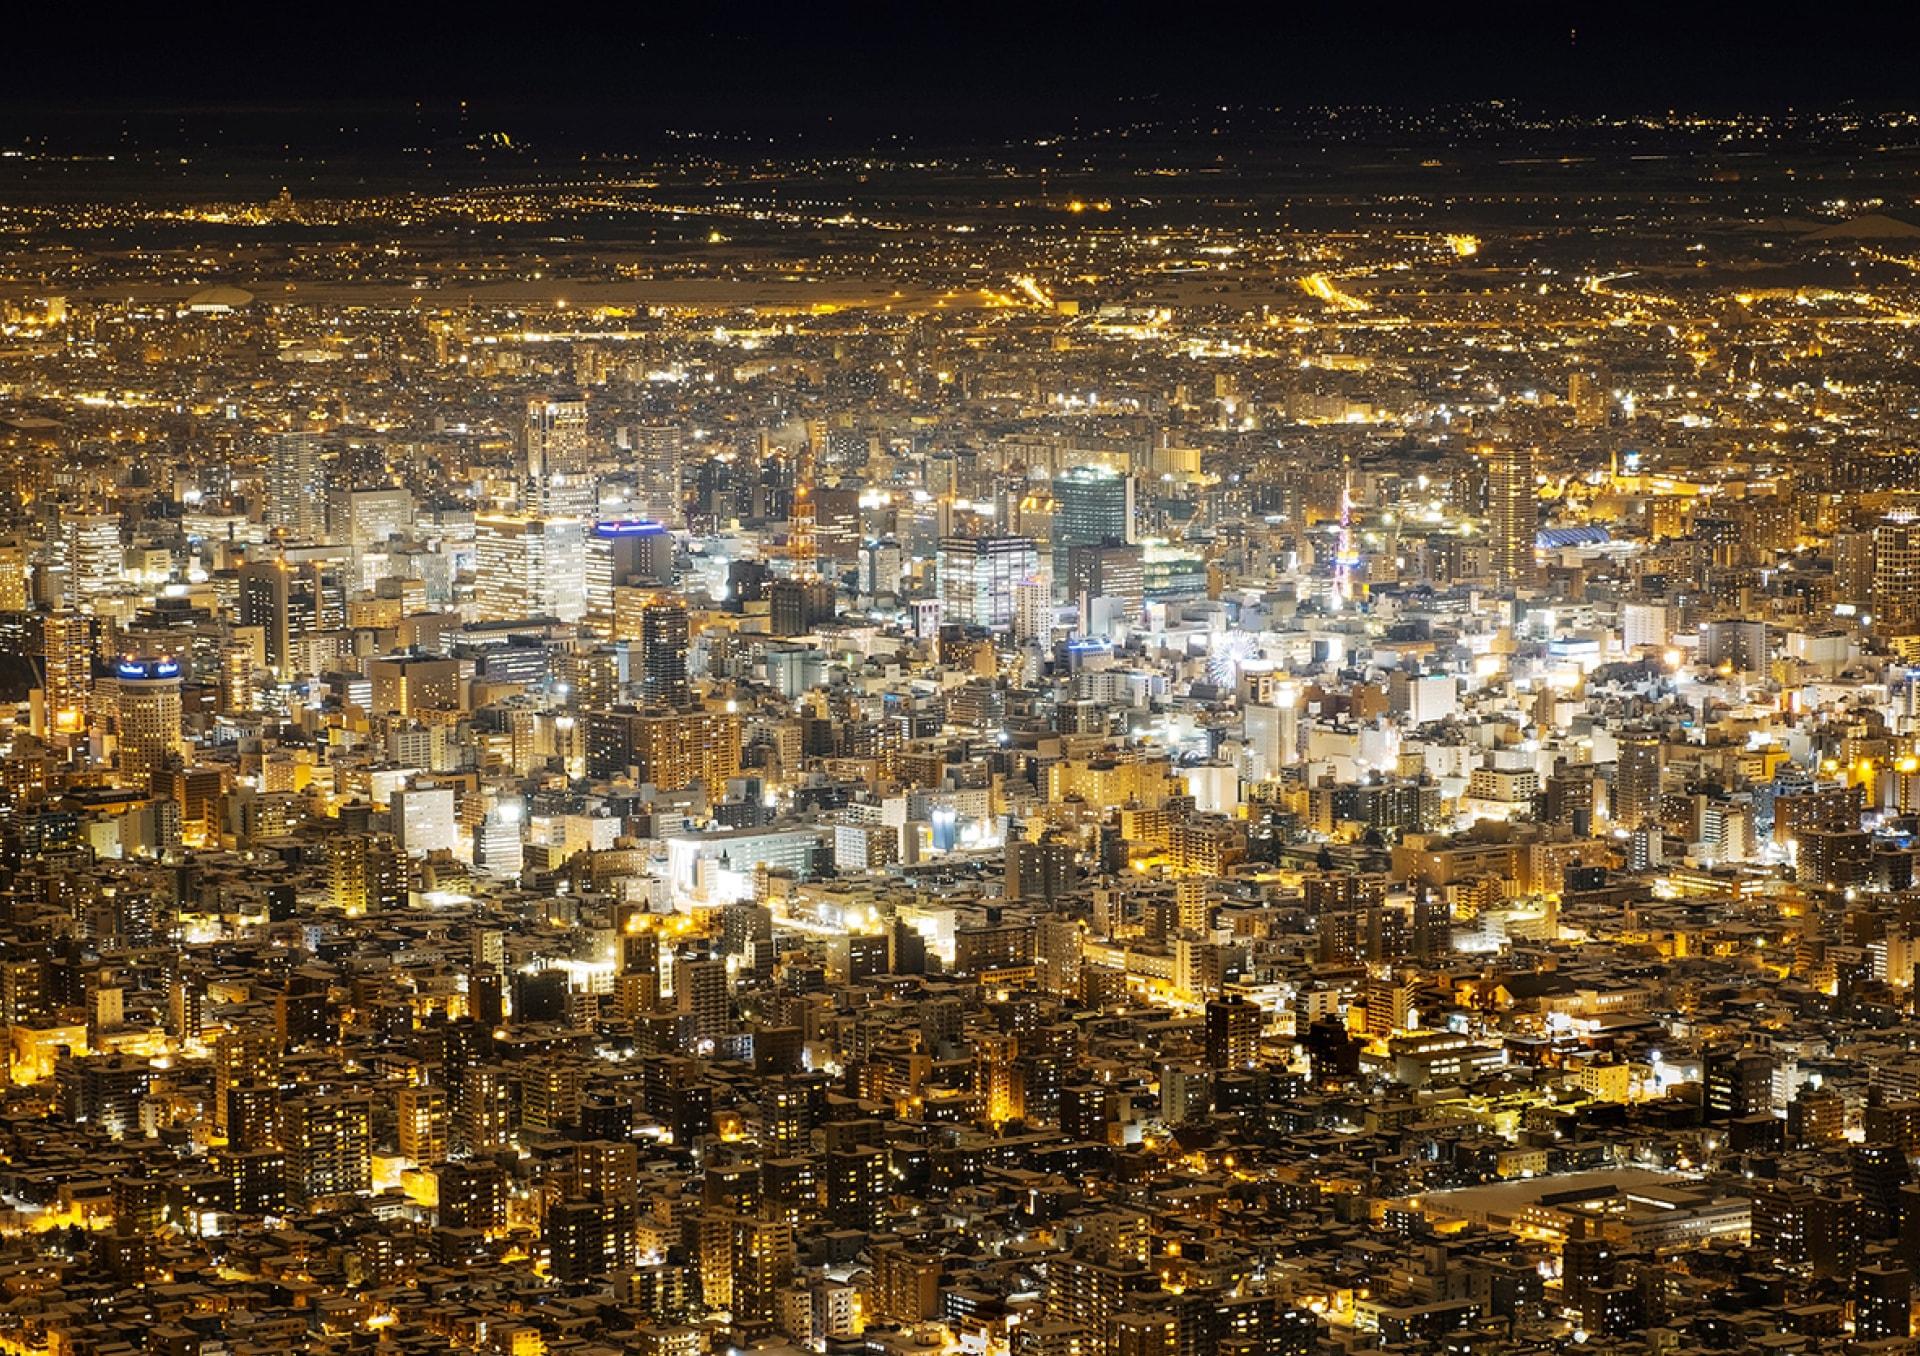 札幌夜景写真コンテスト2017-2018 グランプリ作品「メトロポリス」